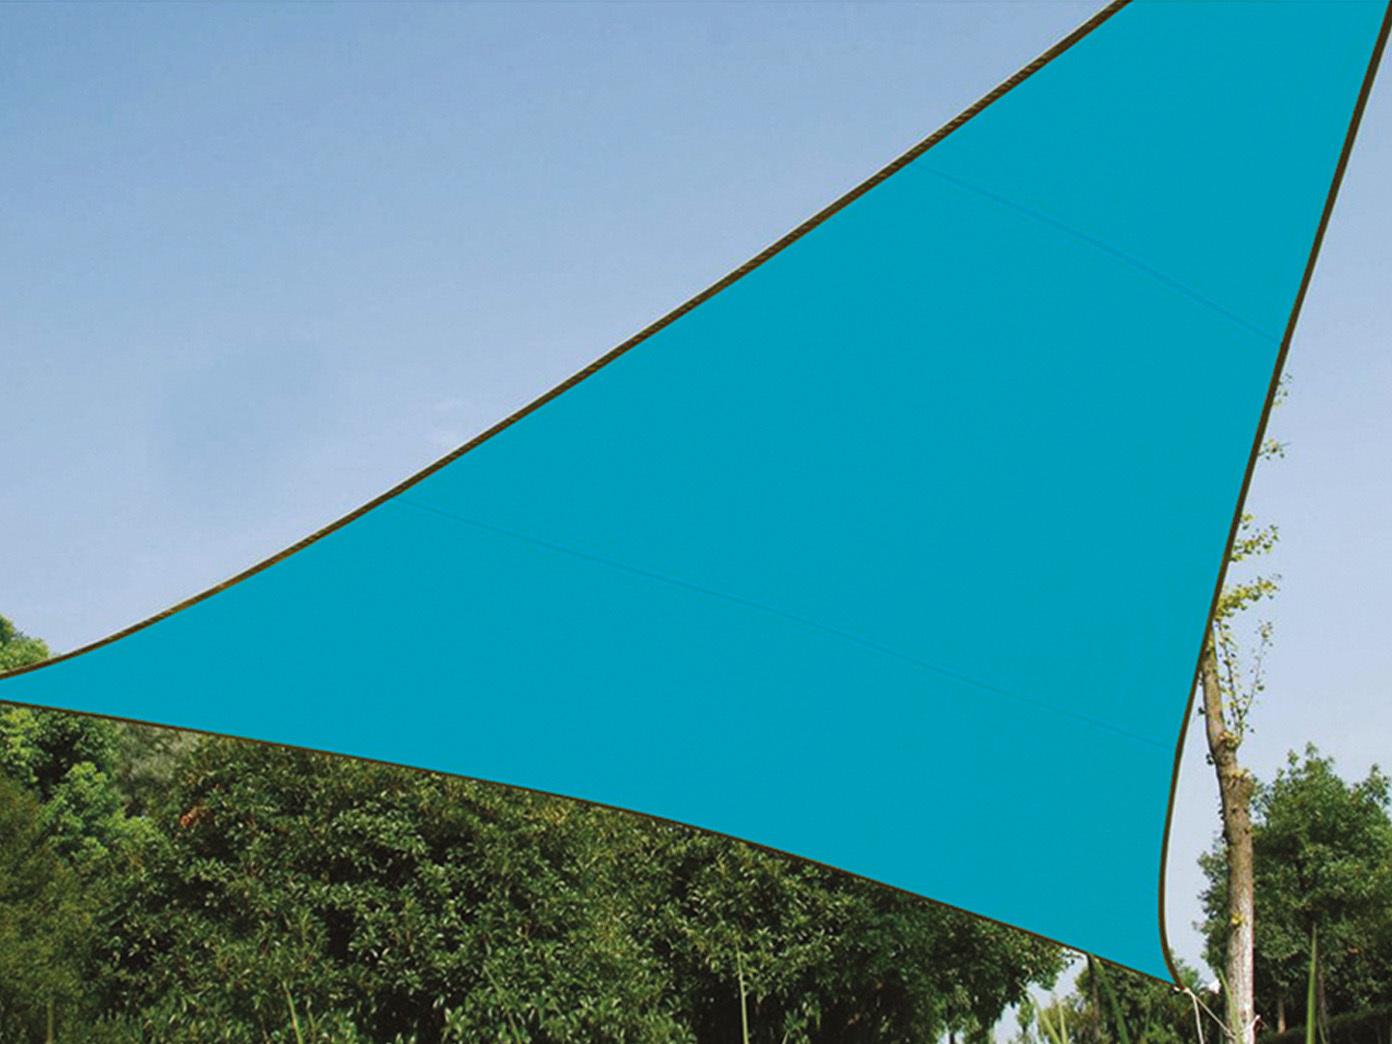 Sonnensegel 500 Regenschutz PEREL, himmelblau, 500 x 500 x 500 Sonnensegel cm, Wasserabweisend 50d229